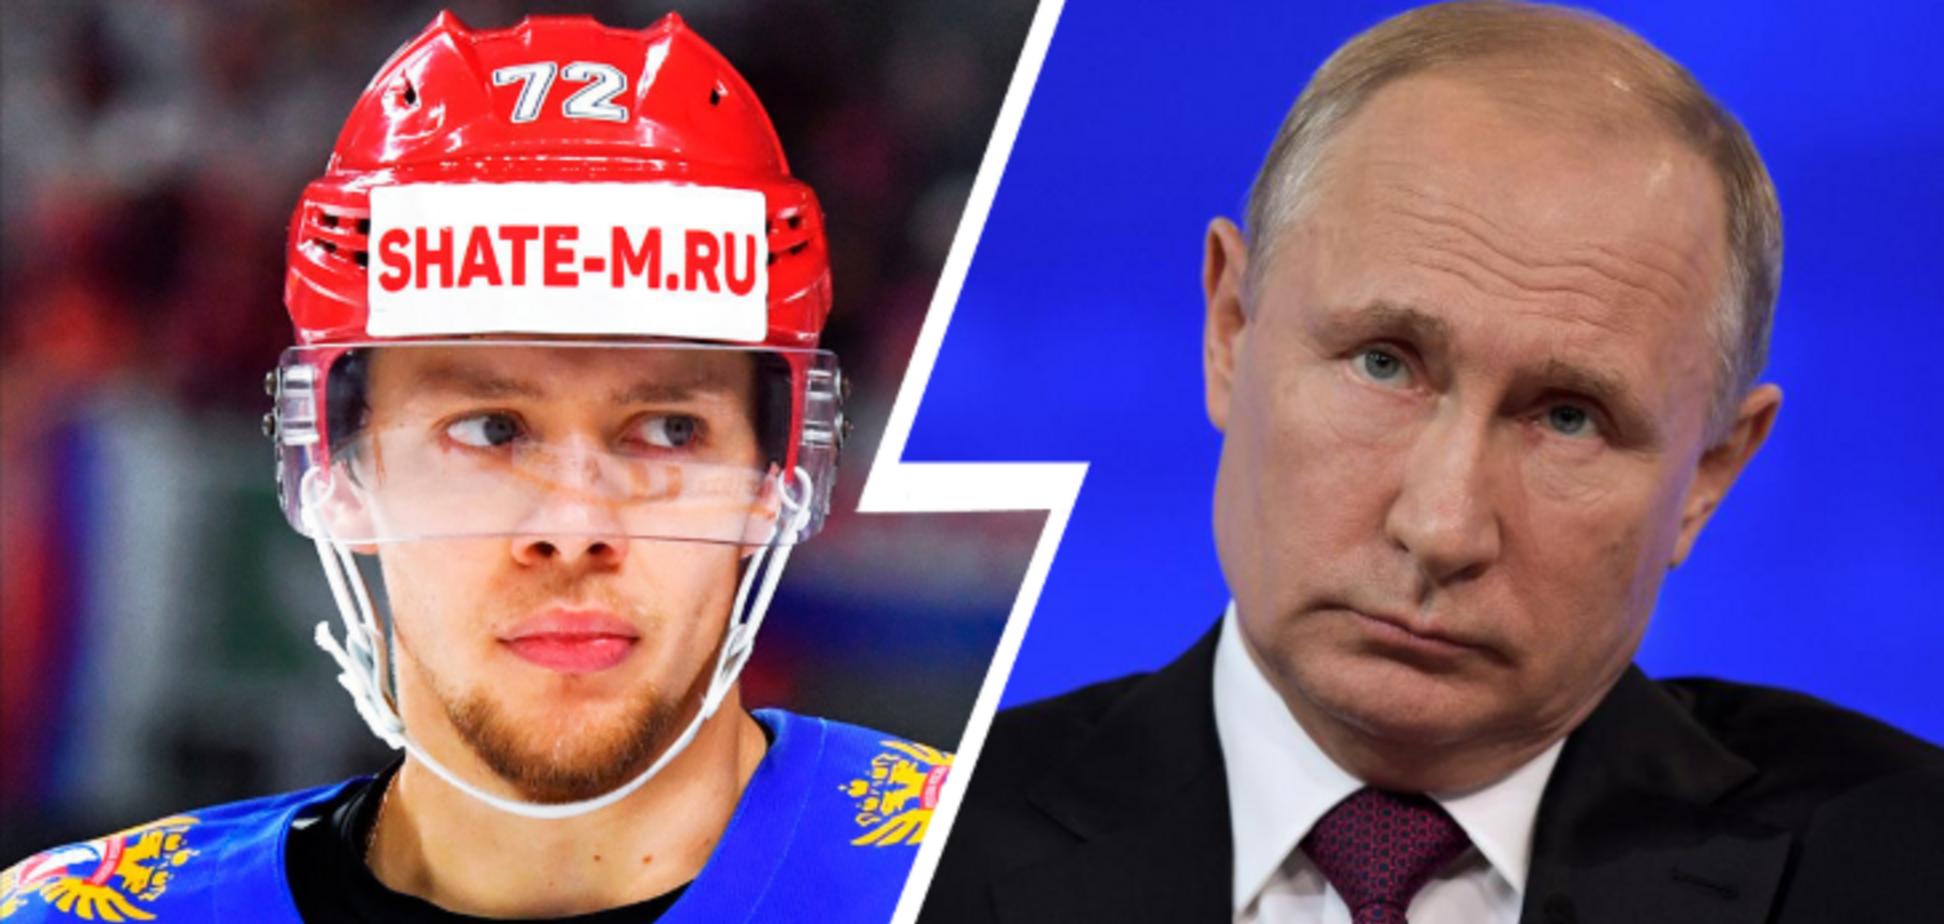 'Це маячня': хокеїст збірної РФ 'наїхав' на 'Путіна, який засидівся у владі'